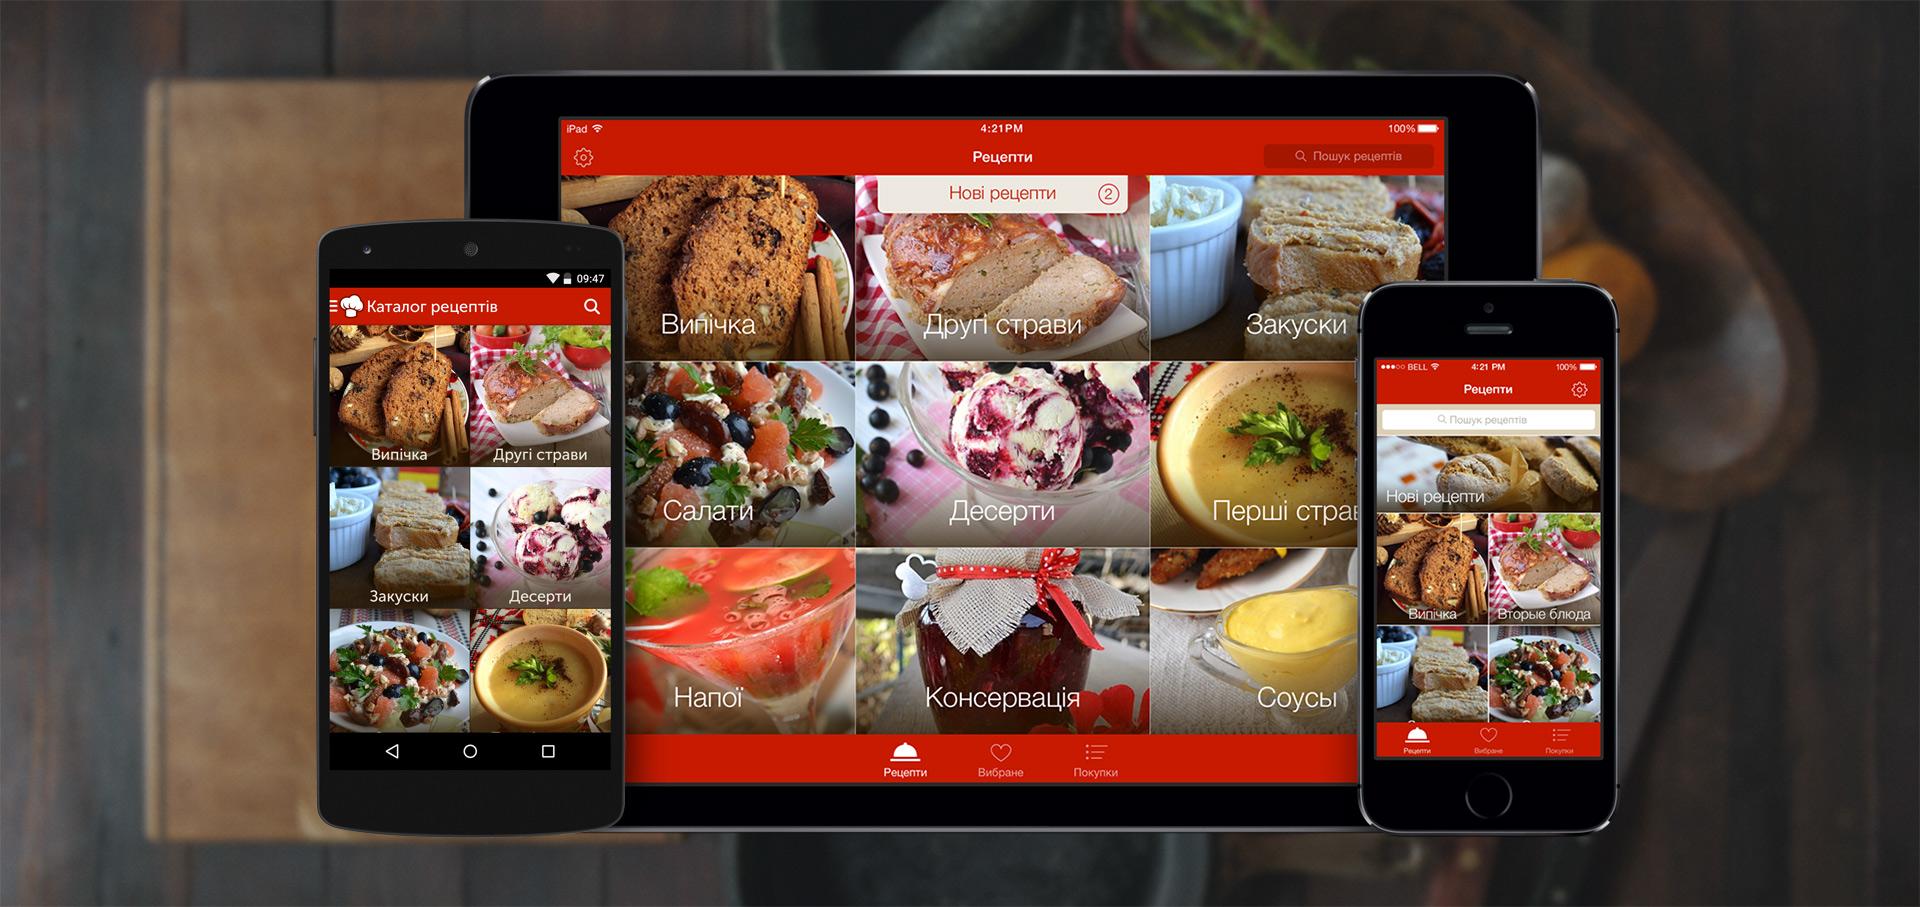 Кулинарное приложение для смартфонов на базе Android и iOS и планшетов